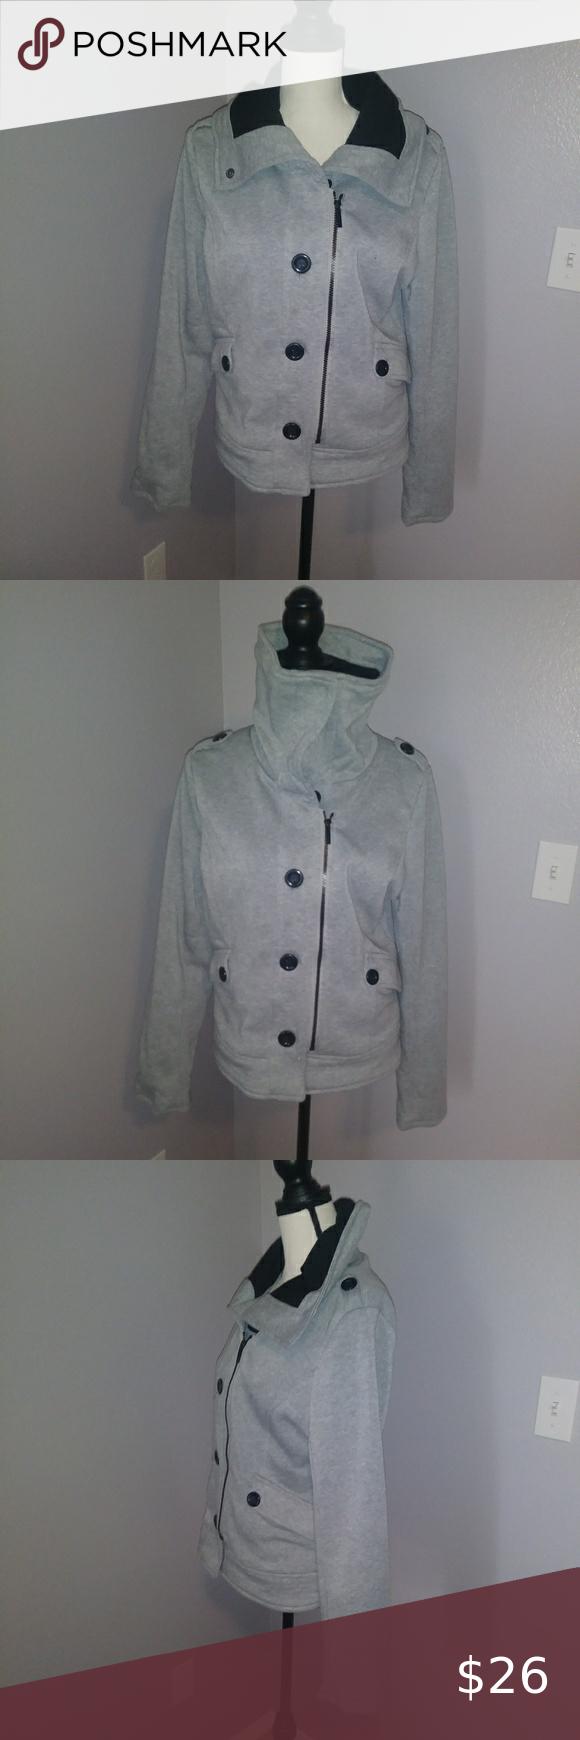 Yoki New York Outwear Jacket In 2021 Coats Jackets Women Outwear Jackets Outerwear Coats [ 1740 x 580 Pixel ]